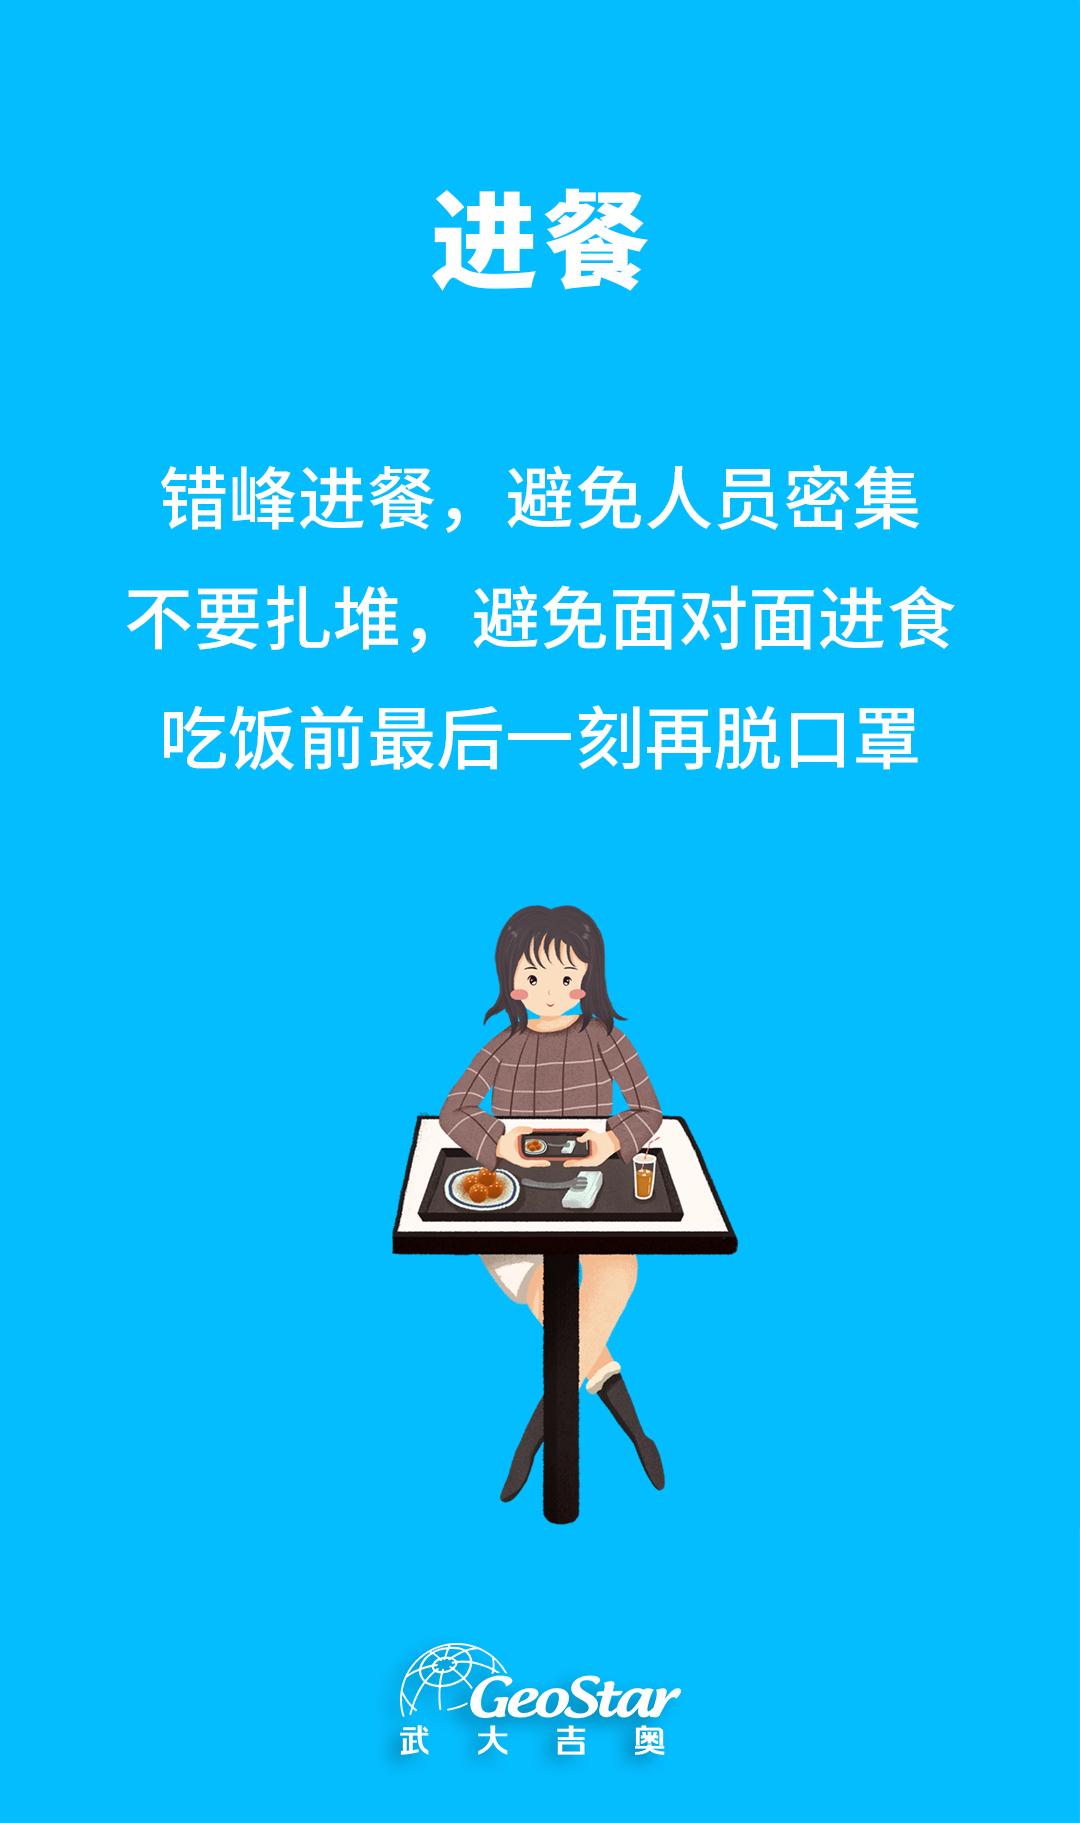 10.地信企业复工防疫指南-进餐